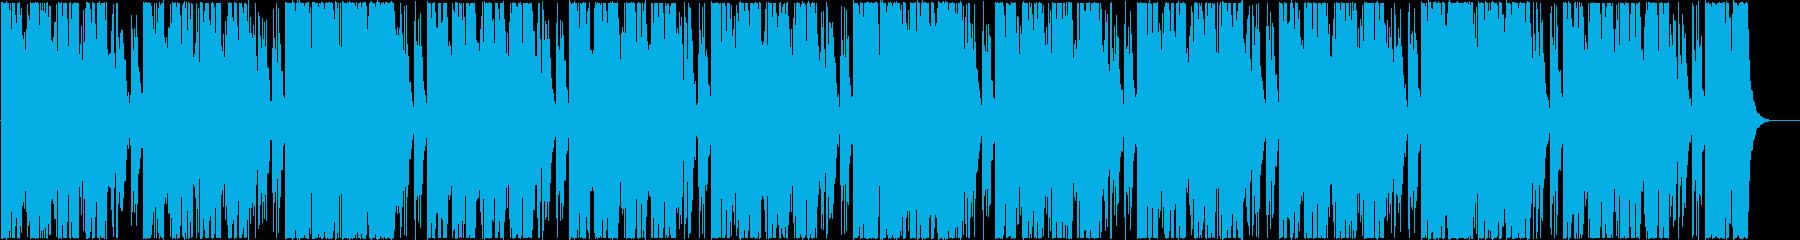 河童-Bの再生済みの波形